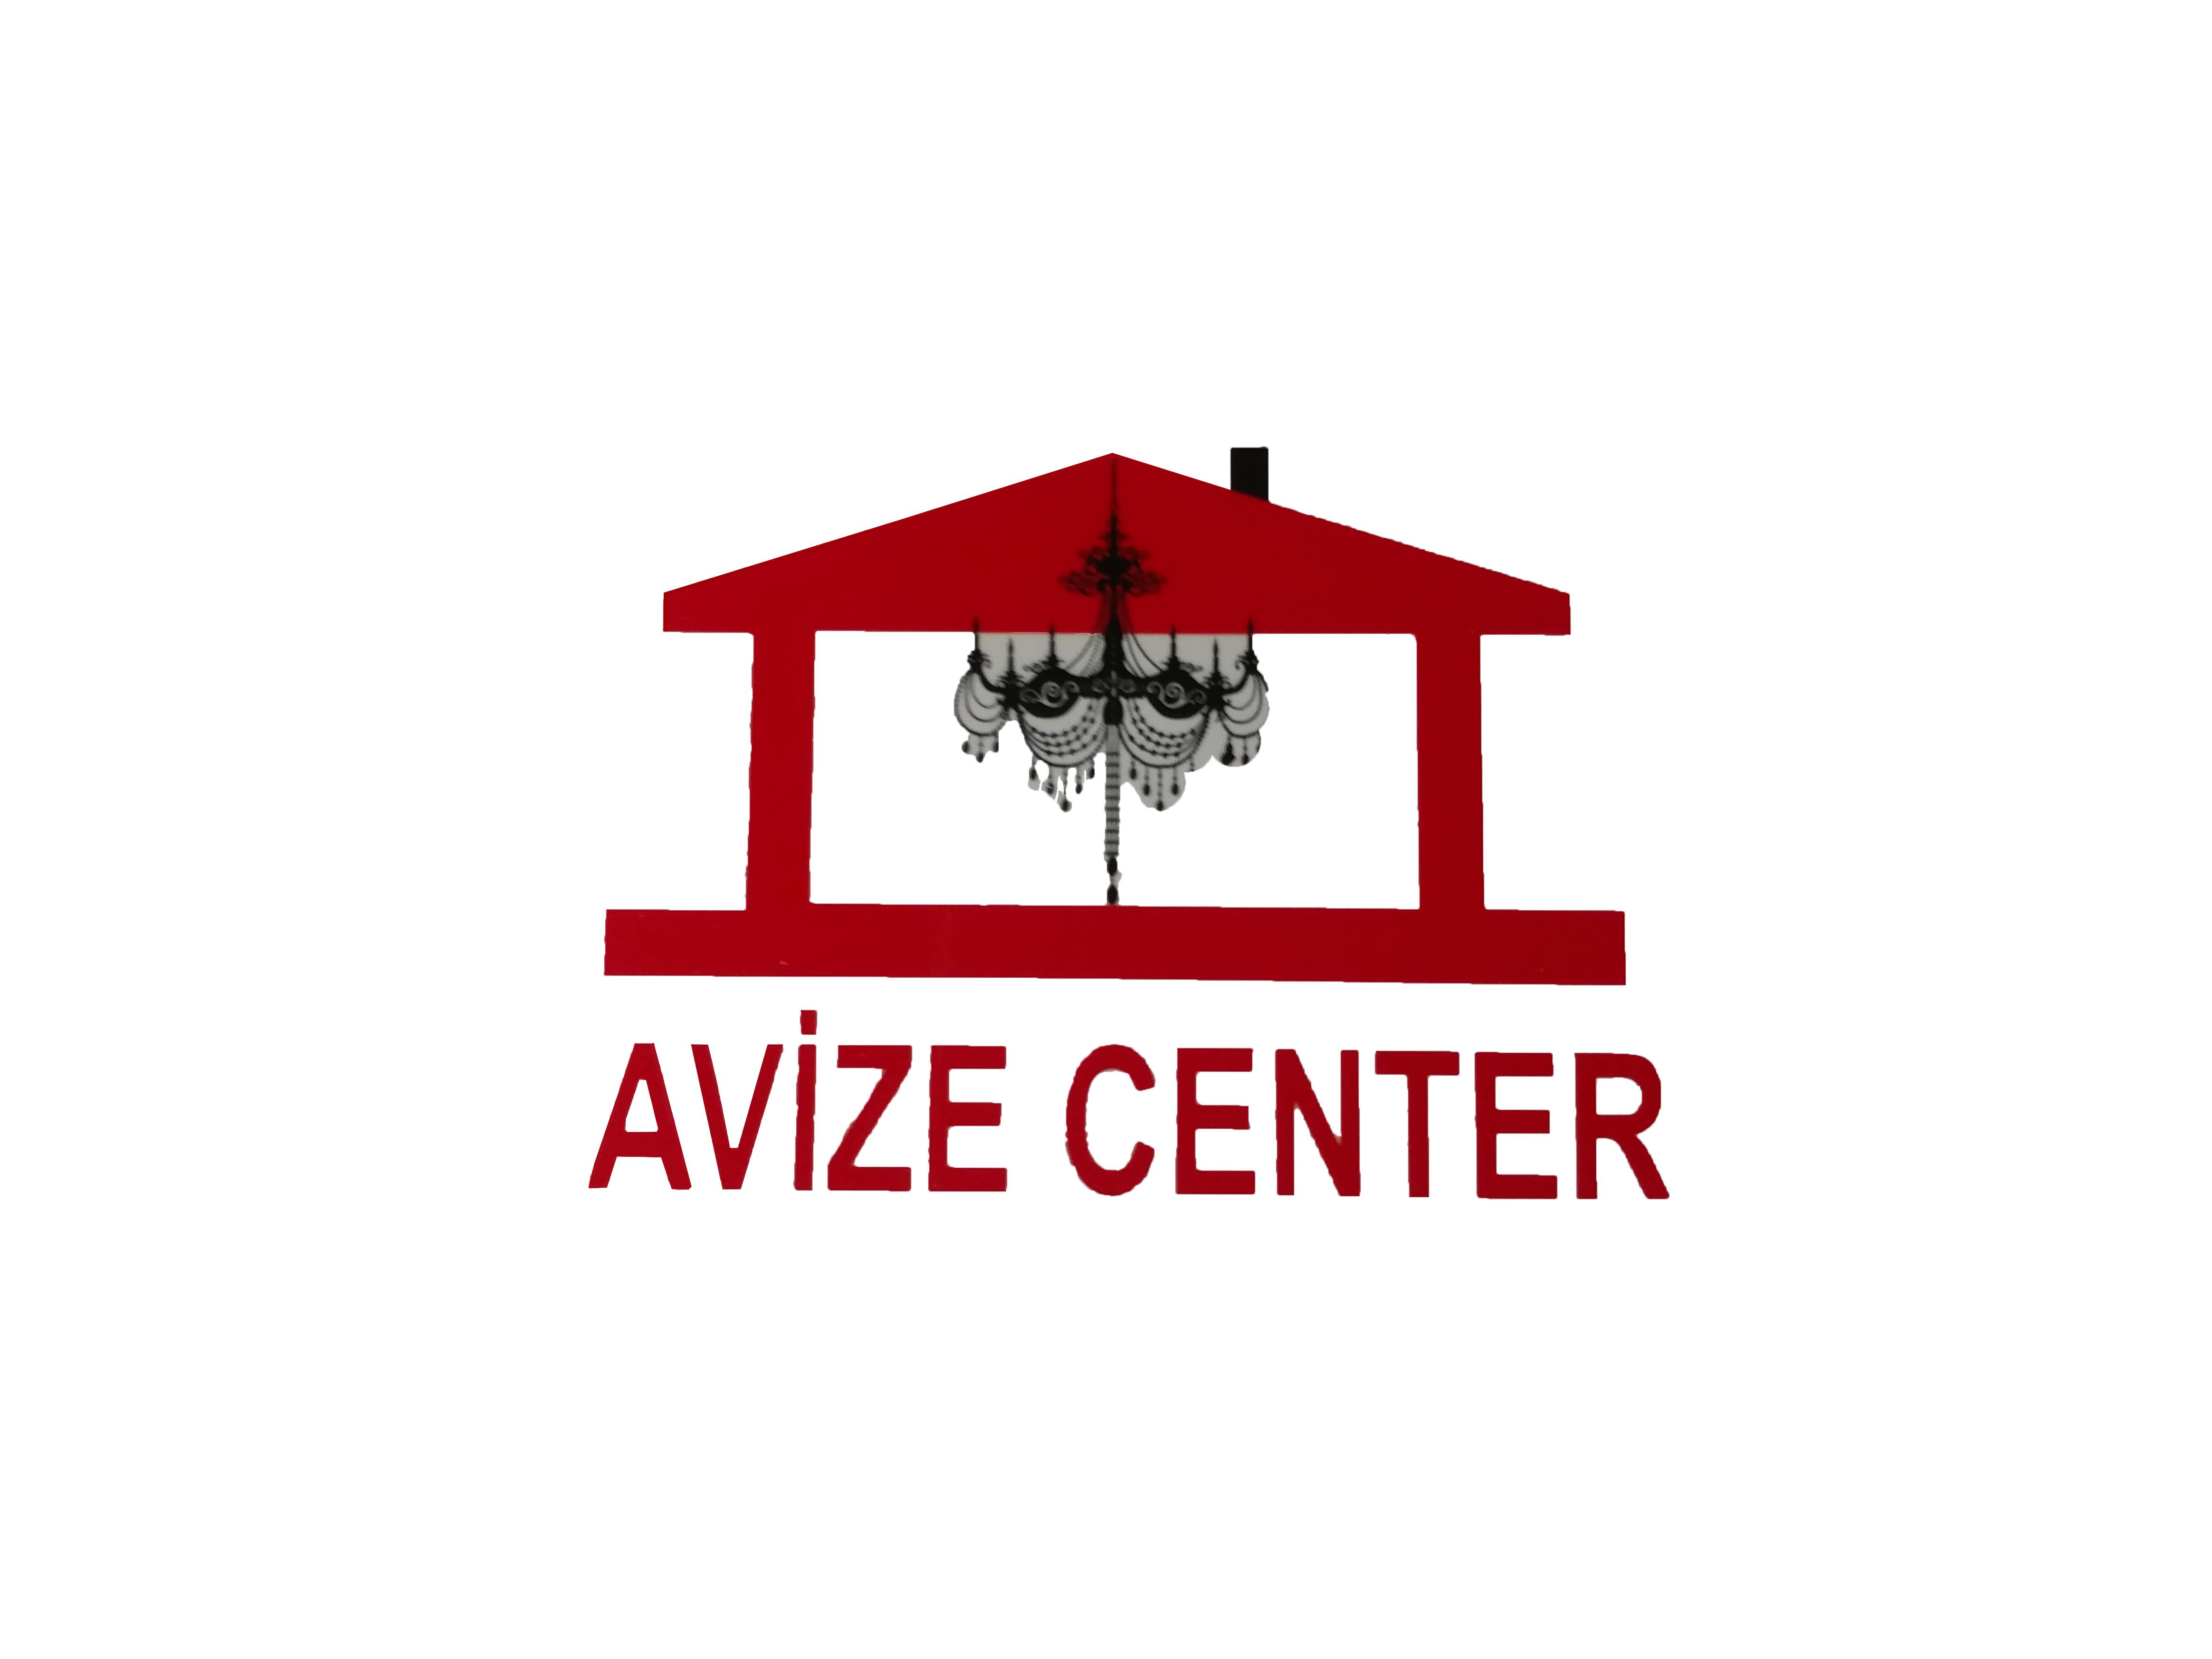 Avize center